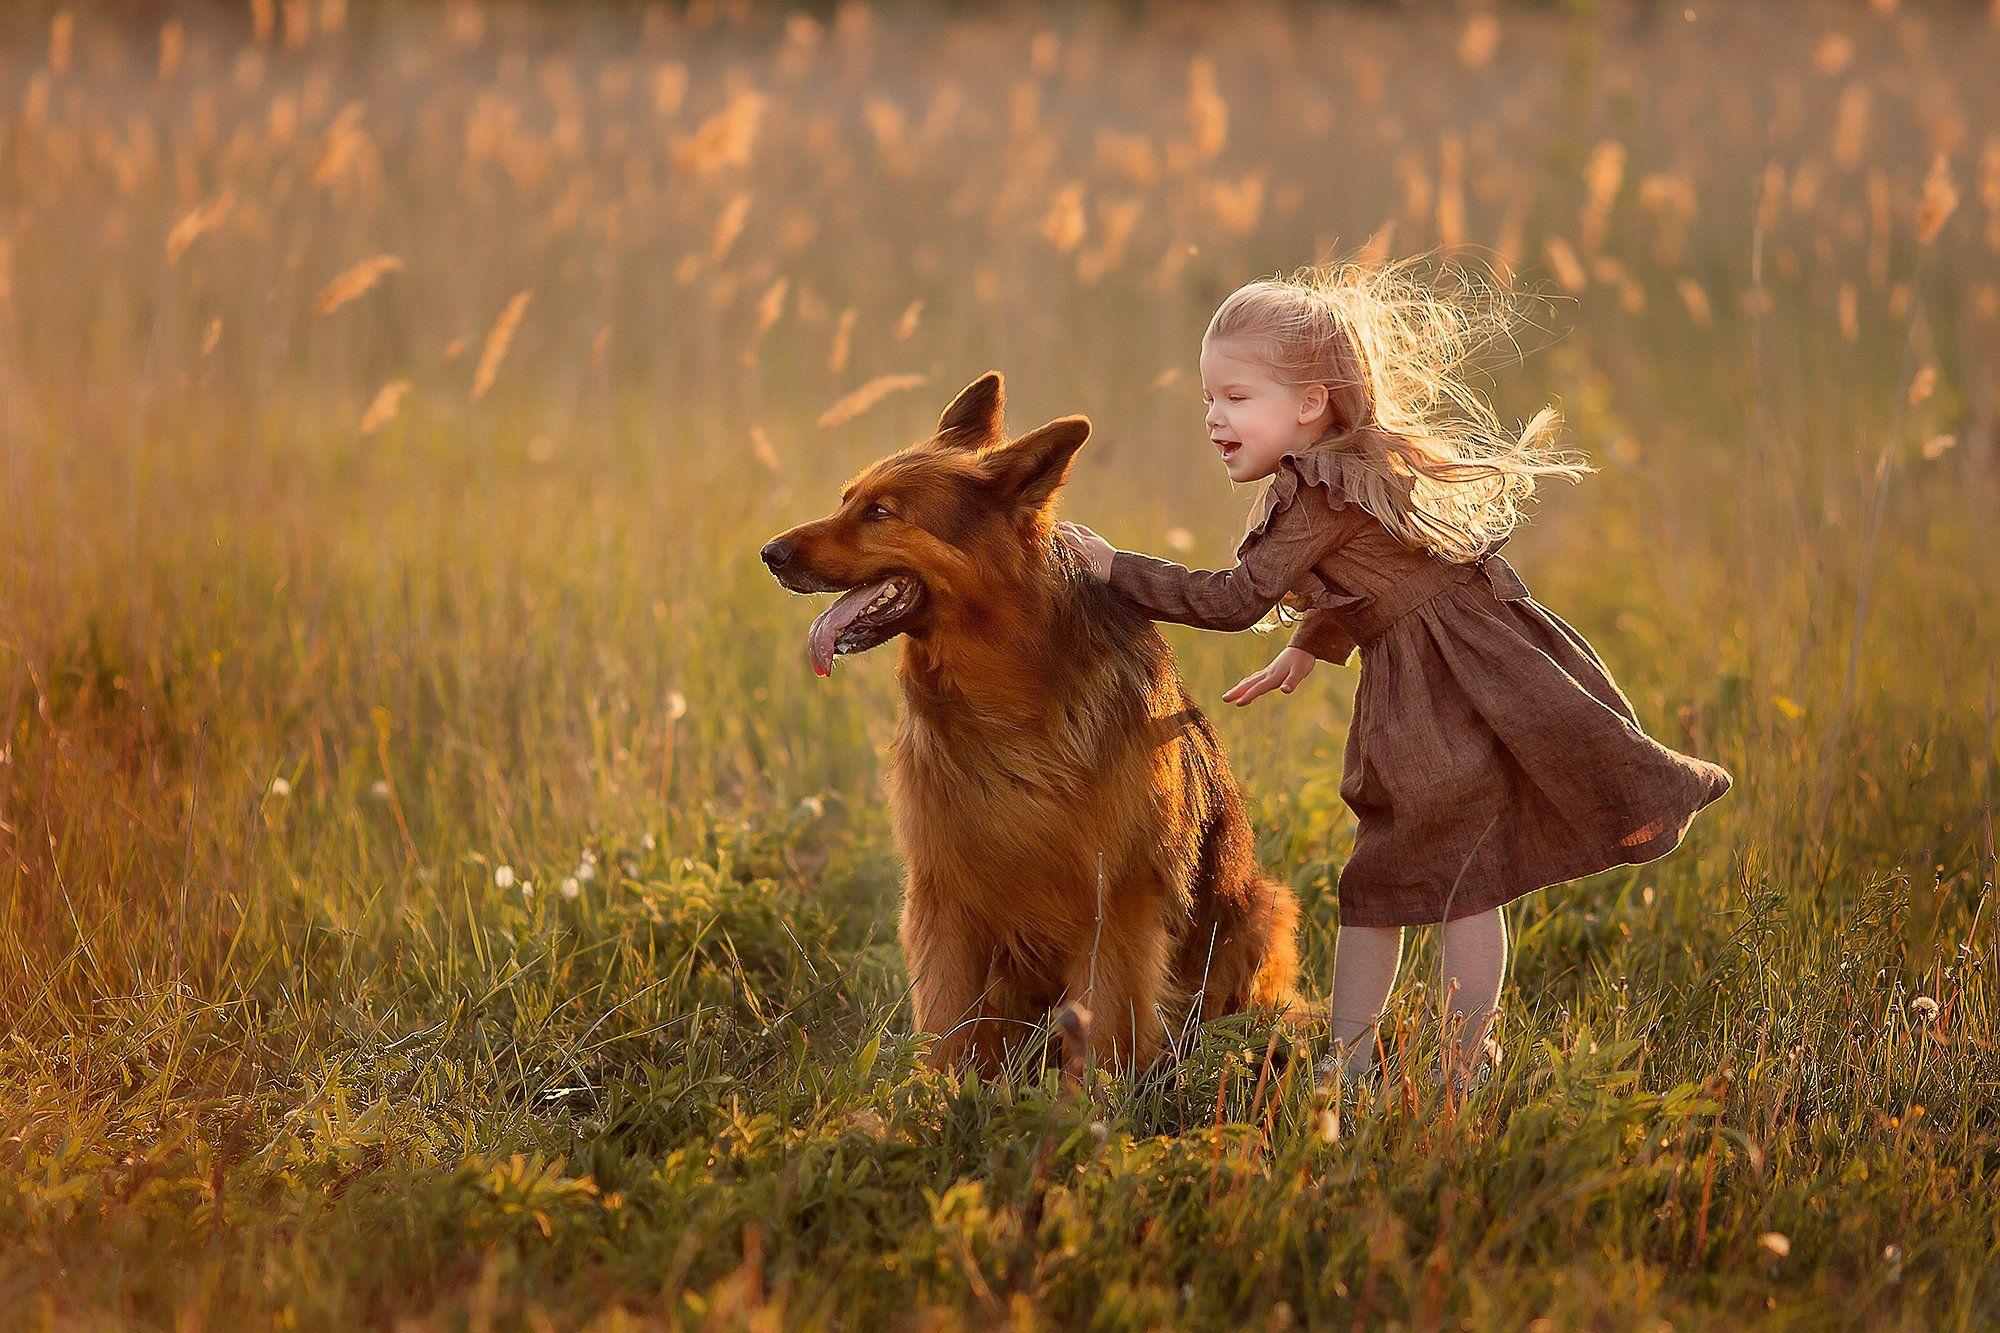 немецкая овчарка девочка ветер закат улыбка радость дружба, Екатерина Белоножкина